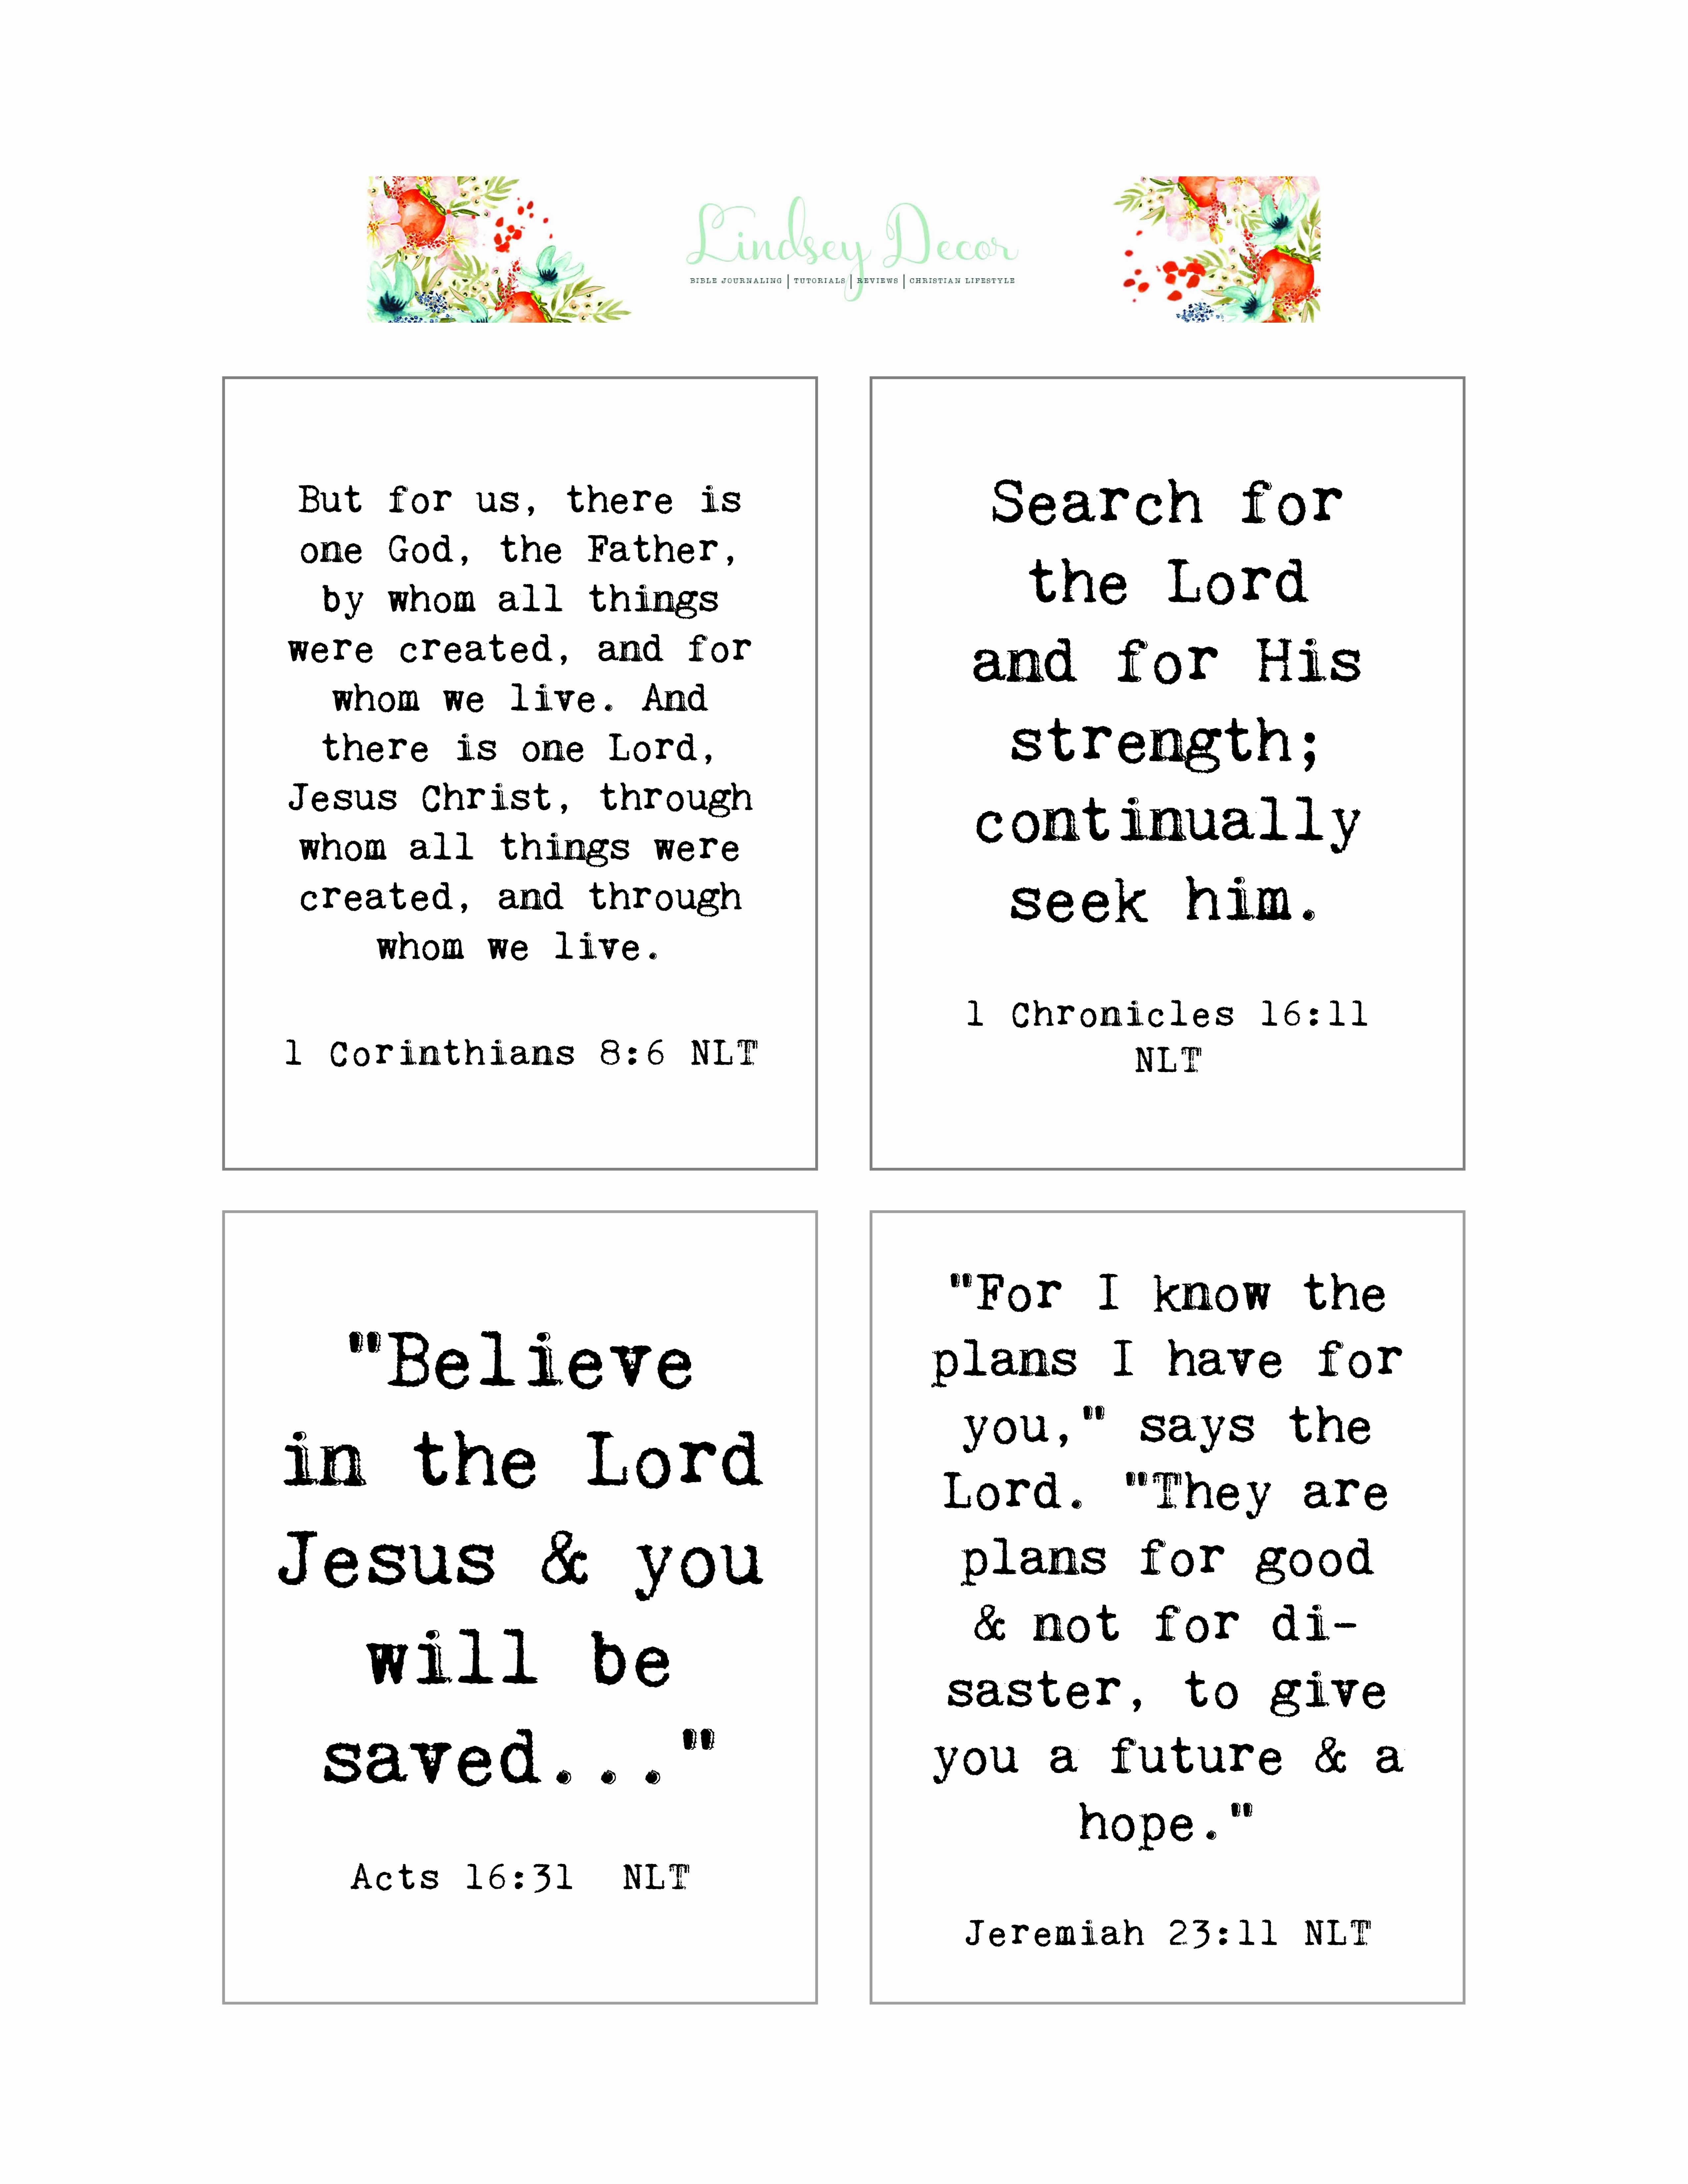 versecards